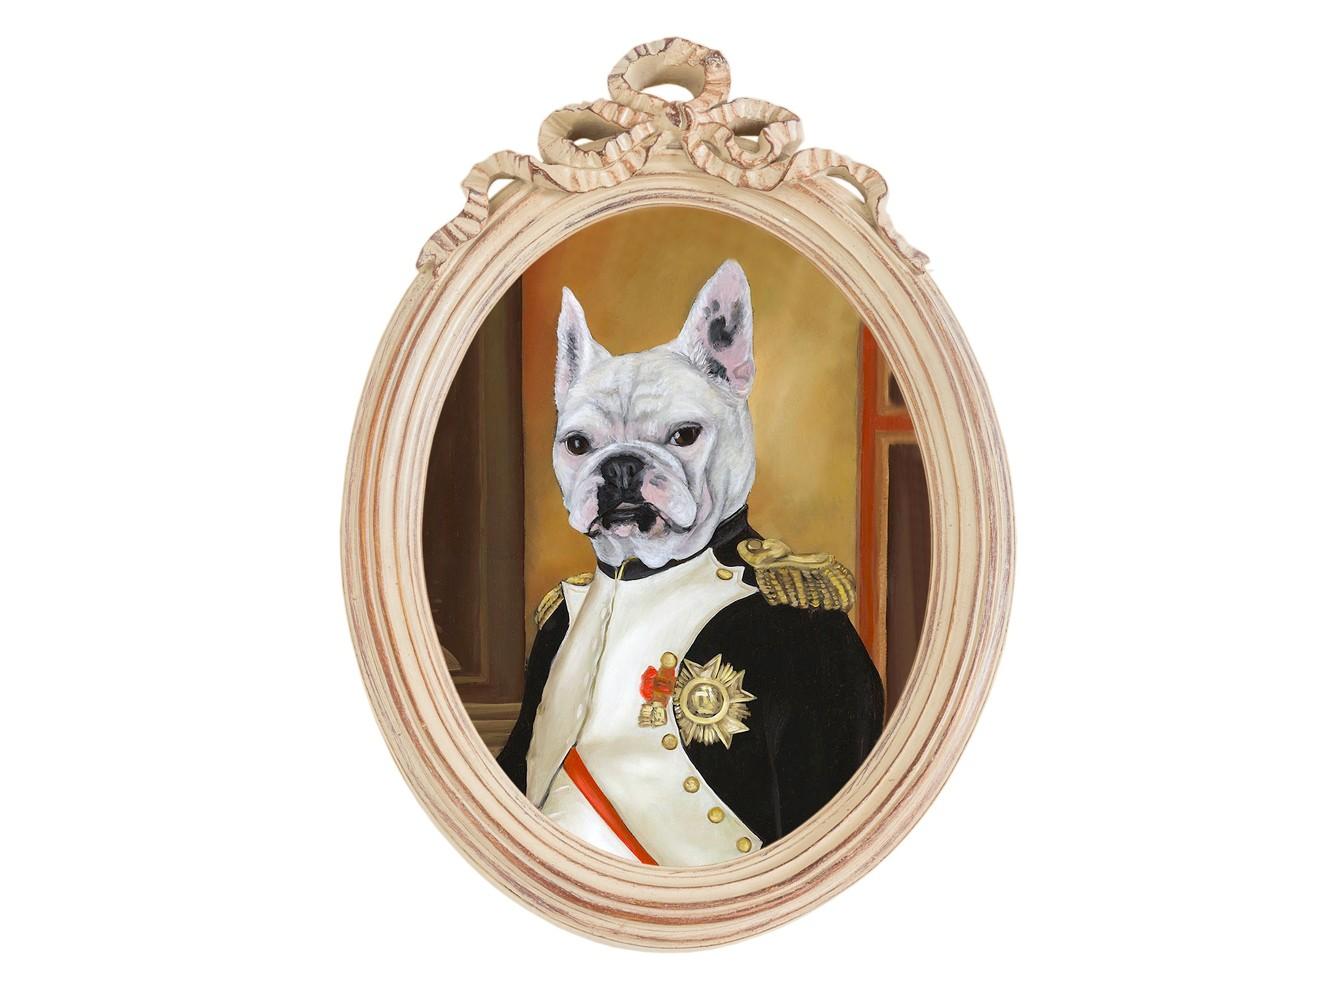 Репродукция гравюры Музейный экспонат, версия 12Картины<br>Прототипом персонажа коллекции &amp;quot;Музейный экспонат&amp;quot; послужил портрет  Наполеона в кабинете дворца Тюильри, написанный Жаком-Луи Давидом в 1812 году. Французский полководец предстает зрителю в рабочем кабинете, расположенном на первом этаже дворца, изображённый в скромной униформе полковника гренадеров гвардейской пехоты. Наряду с золотыми эполетами, на груди Наполеона красуются Знак ордена Почетного легиона (Большой крест), Знак ордена Железной Короны и Звезда ордена Почетного легиона.<br>Мягкие дизайны &amp;quot;прованса&amp;quot; дружественны многим интерьерным жанрам: английскому, греческому, романскому, классицизму, модерну, &amp;quot;ар-деко&amp;quot;, &amp;quot;кантри&amp;quot; и &amp;quot;шале&amp;quot;. Пастельный фон рамы эффектно акцентирует анималистичную репродукцию, подражающую ярким палитрам эпохи Возрождения. Эффектная стилизация - надежный инструмент интерьерного настроения.<br>Картинная рама &amp;quot;Бернадетт&amp;quot; - желанное интерьерное украшение гостиной, столовой, спальни, кабинета и детской комнаты, способное задать пространству стиль и достоинство. Классический бежевый цвет рамы - залог соседства с большинством предметов мебели и декора.&amp;amp;nbsp;<br><br>Material: Полистоун<br>Width см: 30,5<br>Depth см: 4,3<br>Height см: 43